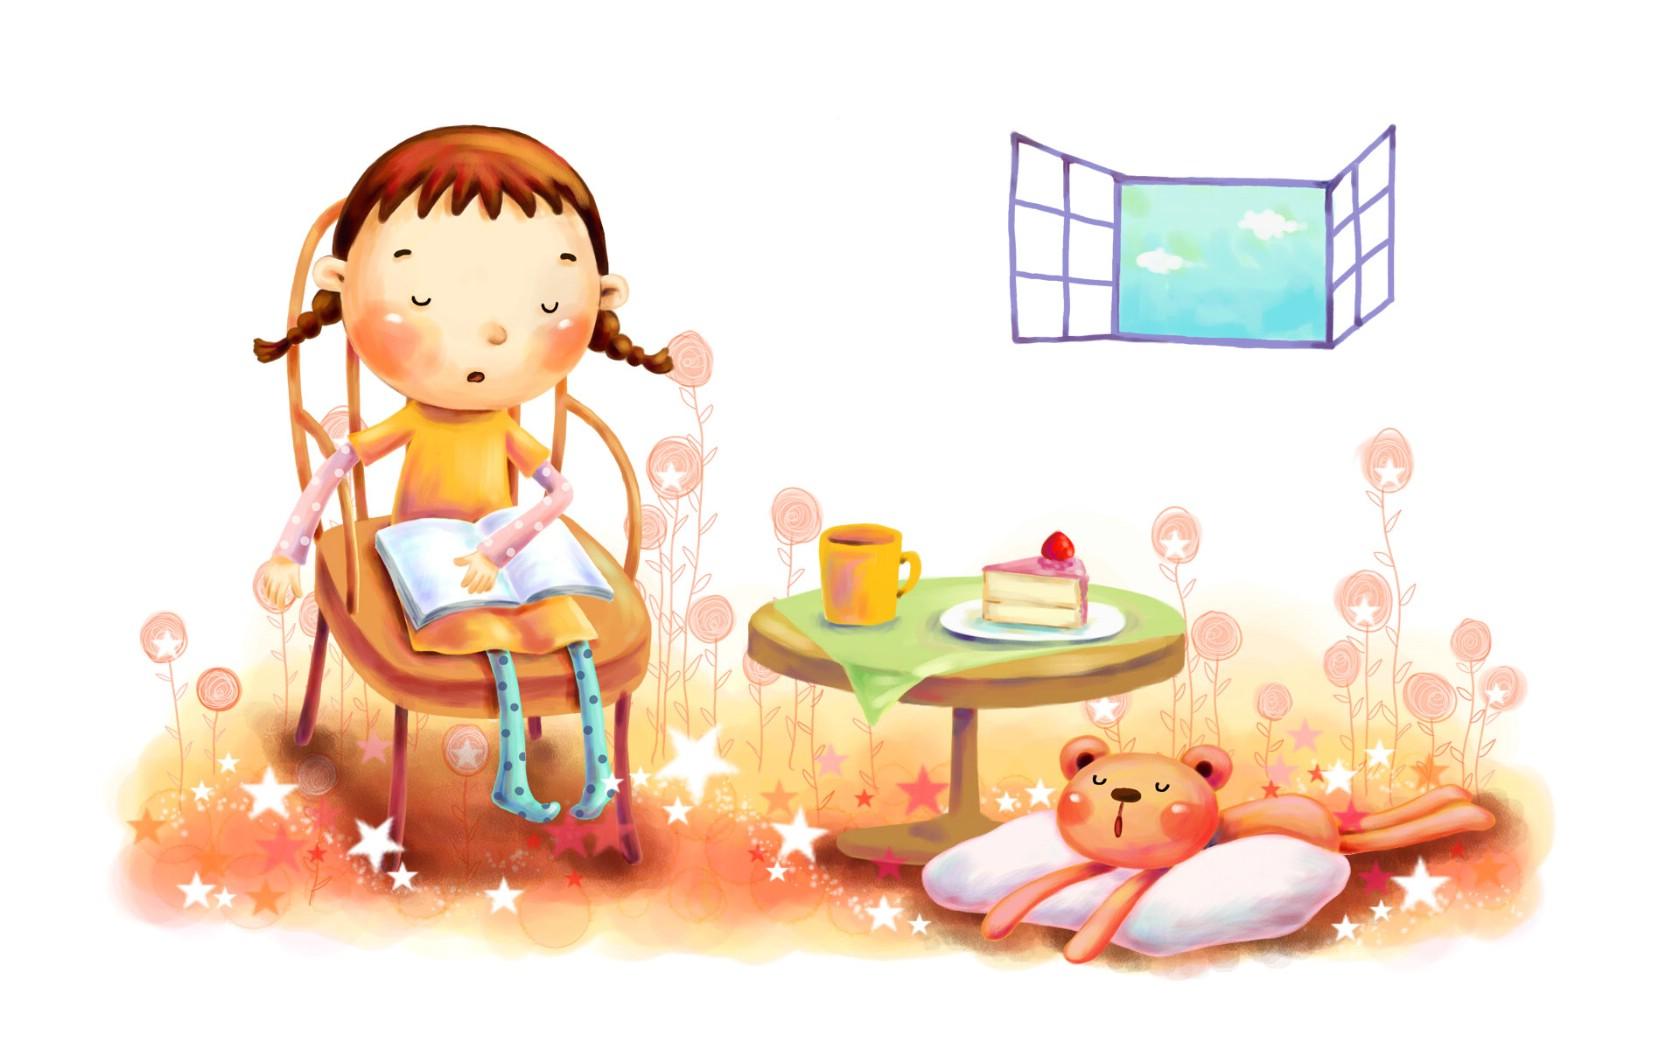 壁纸1680×1050六一国际儿童节可爱卡通宽屏壁纸 壁纸10壁纸 六一国际儿童节可爱卡壁纸图片动漫壁纸动漫图片素材桌面壁纸